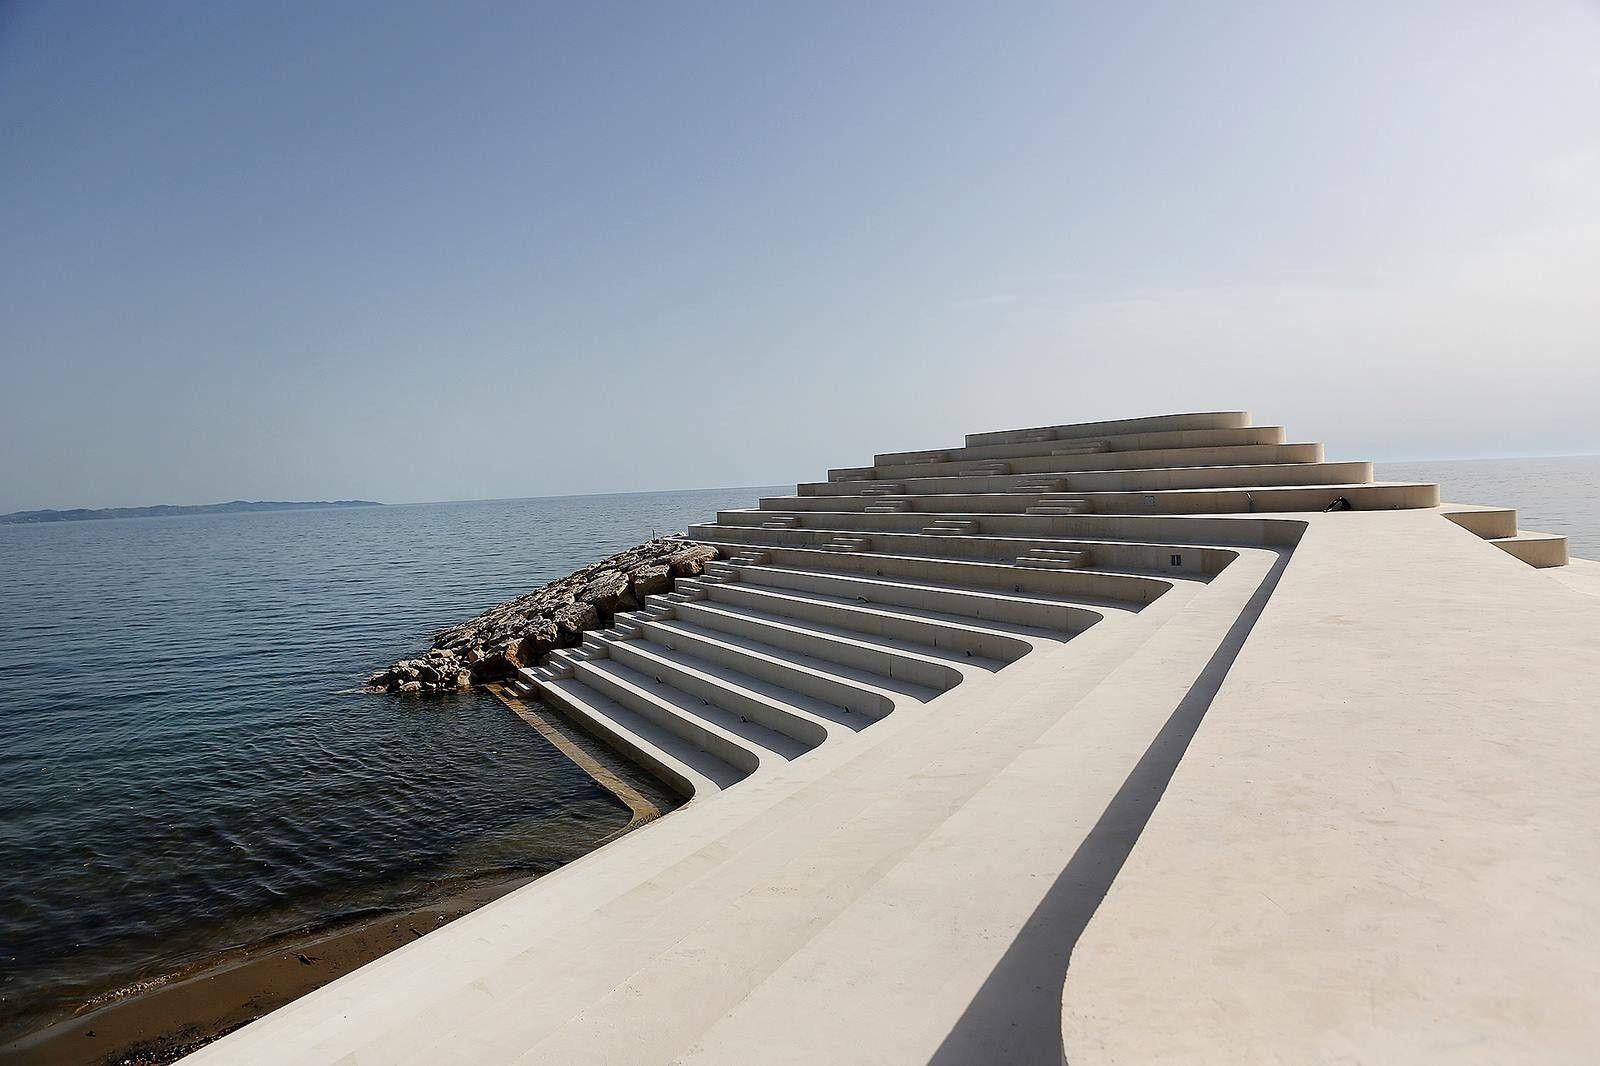 Cape Square Durrës / Sfinxit | Landscape by Design | Pinterest ...